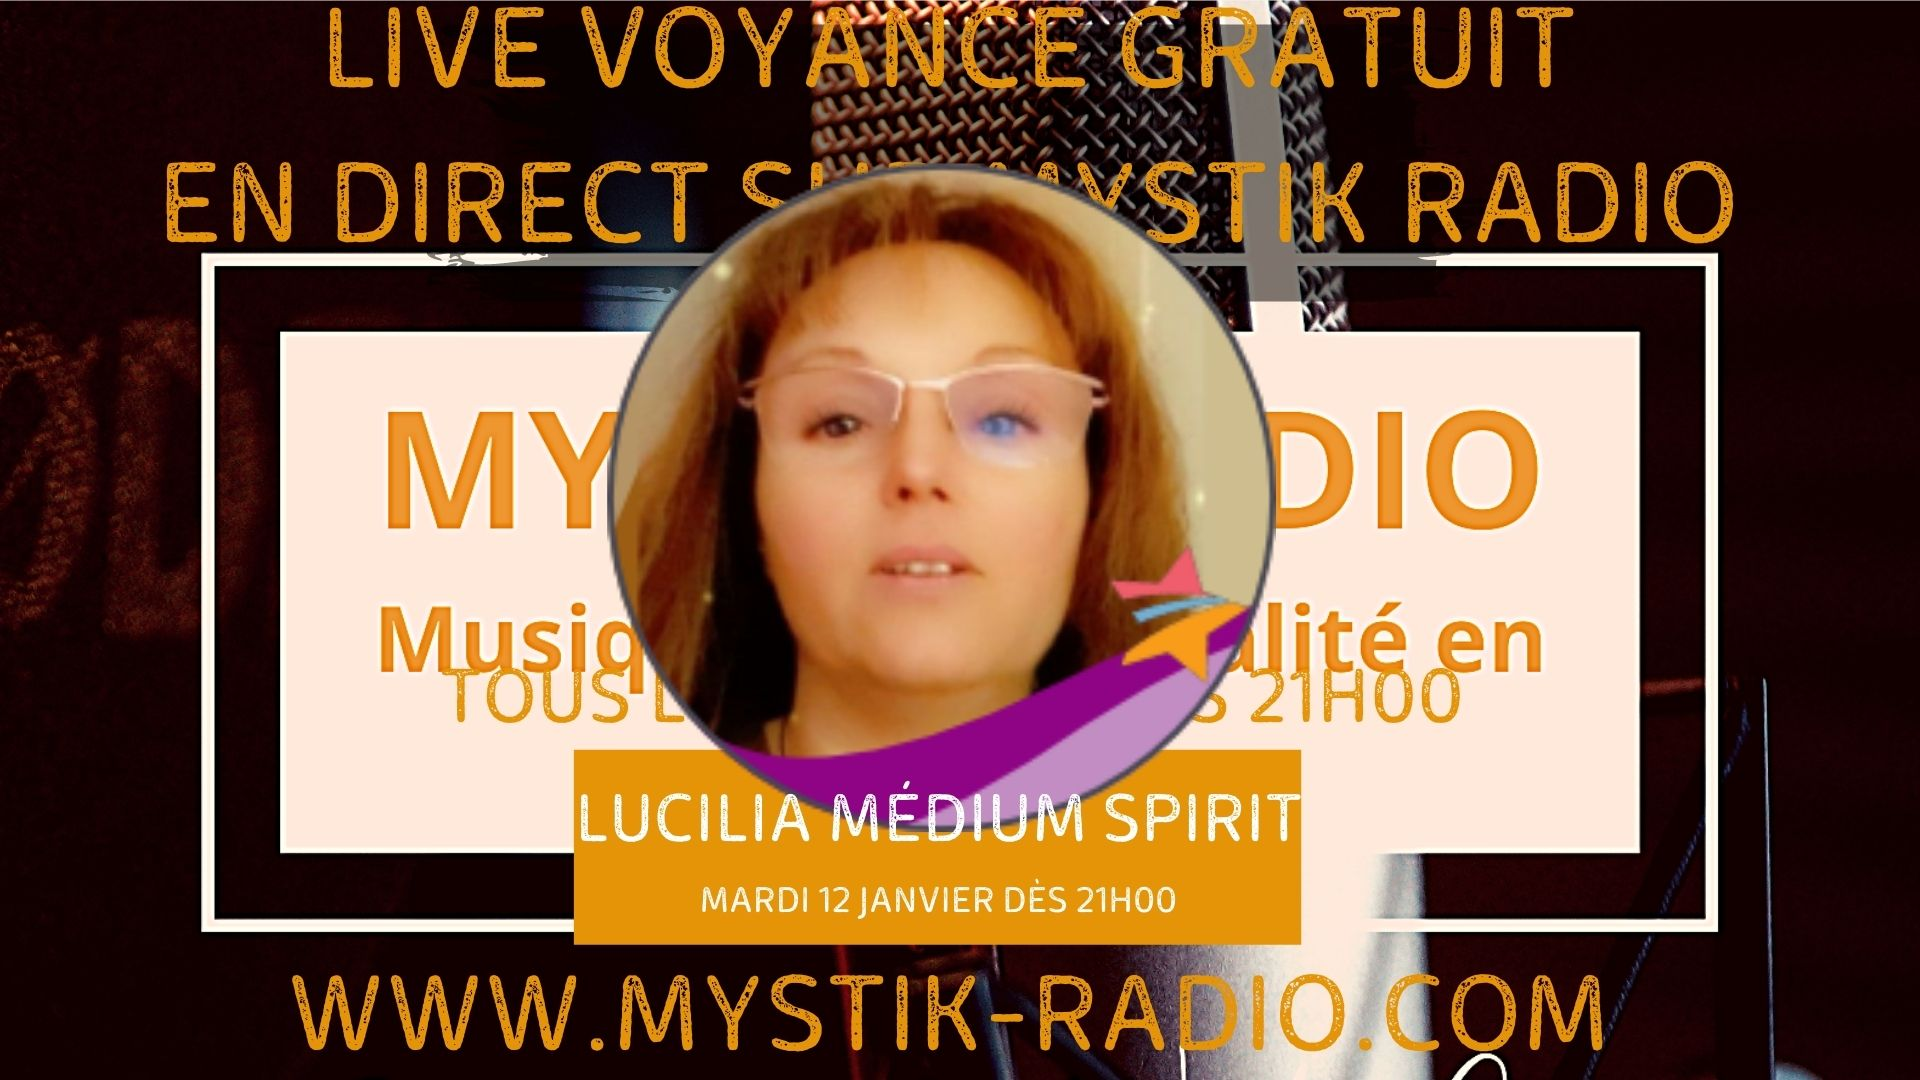 Lucilia médium spirit et magnétiseuse en live voyance gratuit sur Mystik Radio/ Infinità Corse Voyance